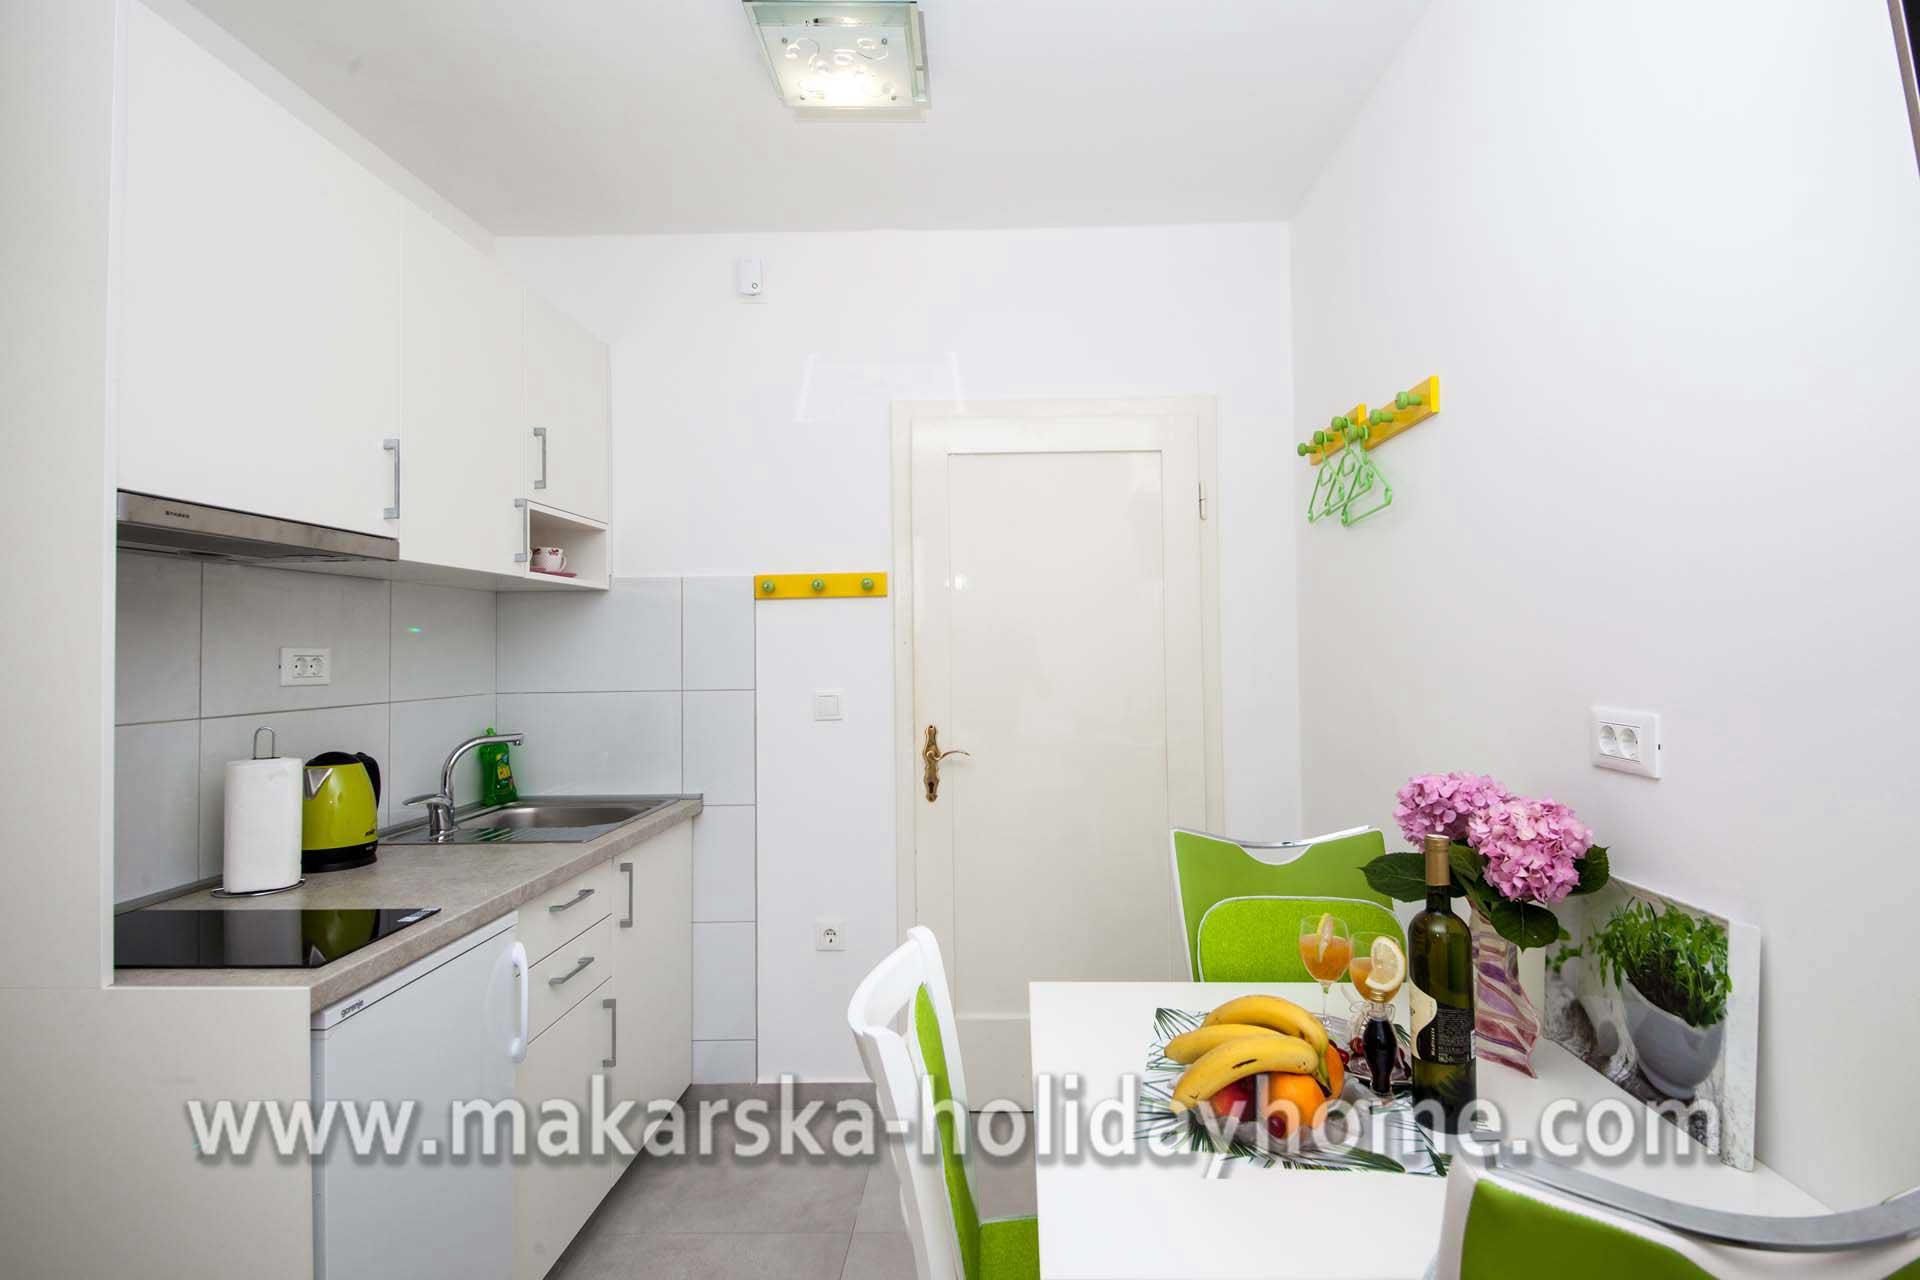 Chorwacja Apartamenty Przy Pla U017cy  Makarska